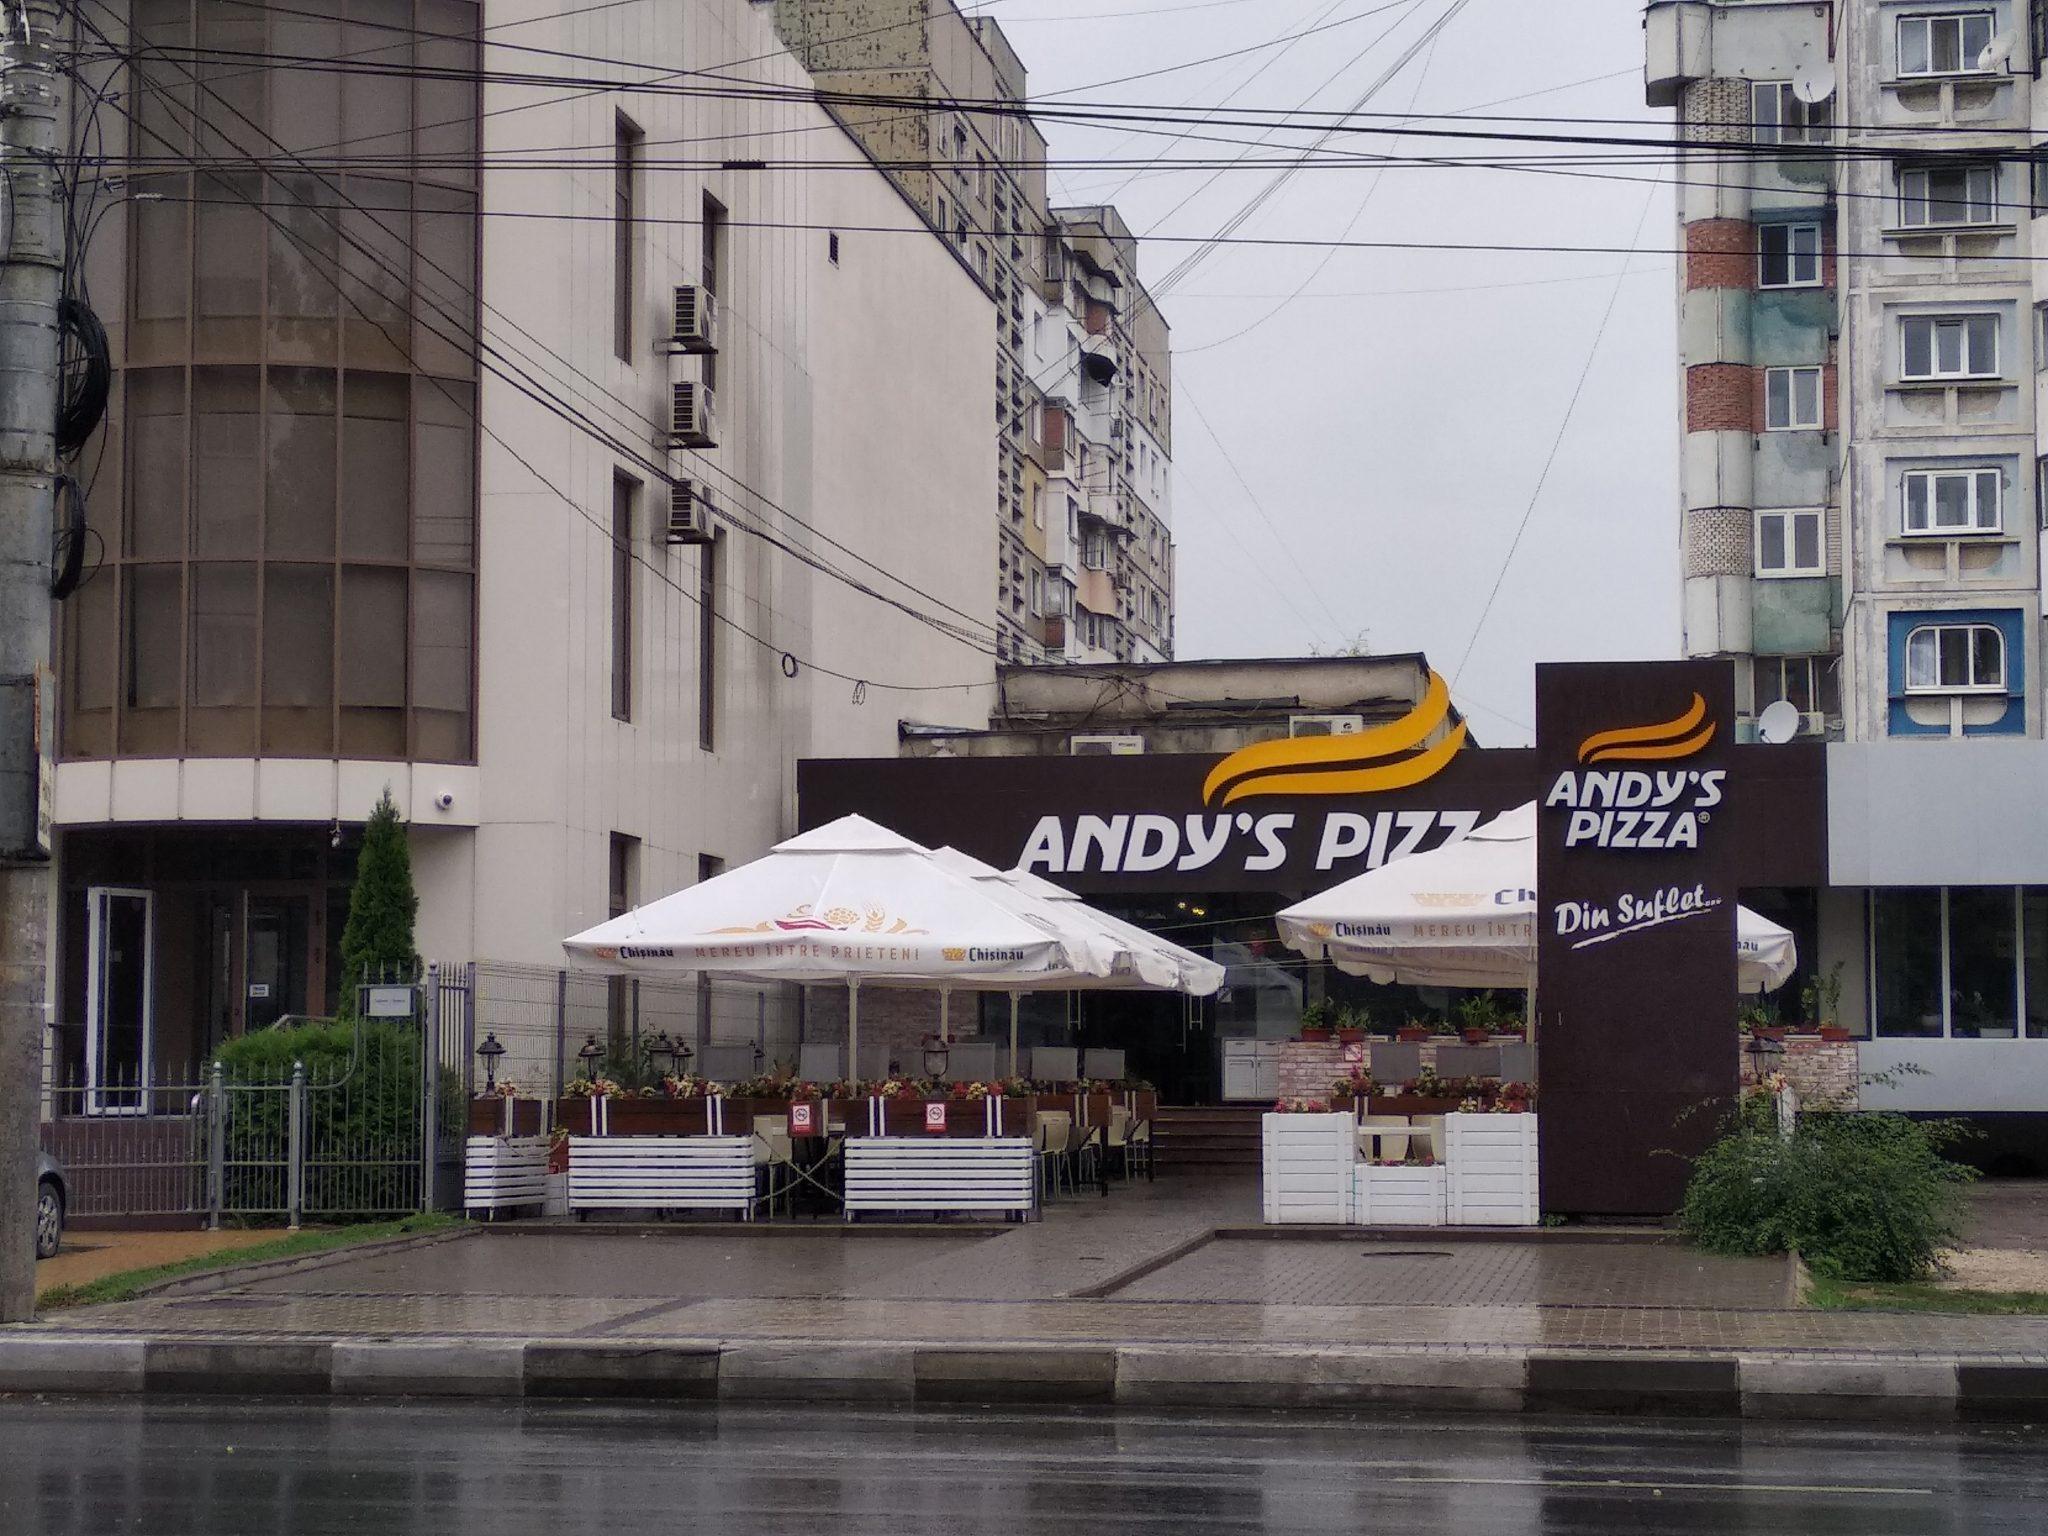 Grăsimea depusă pe hota din bucătărie a provocat incendiul de la Andy's Pizza din Bălți